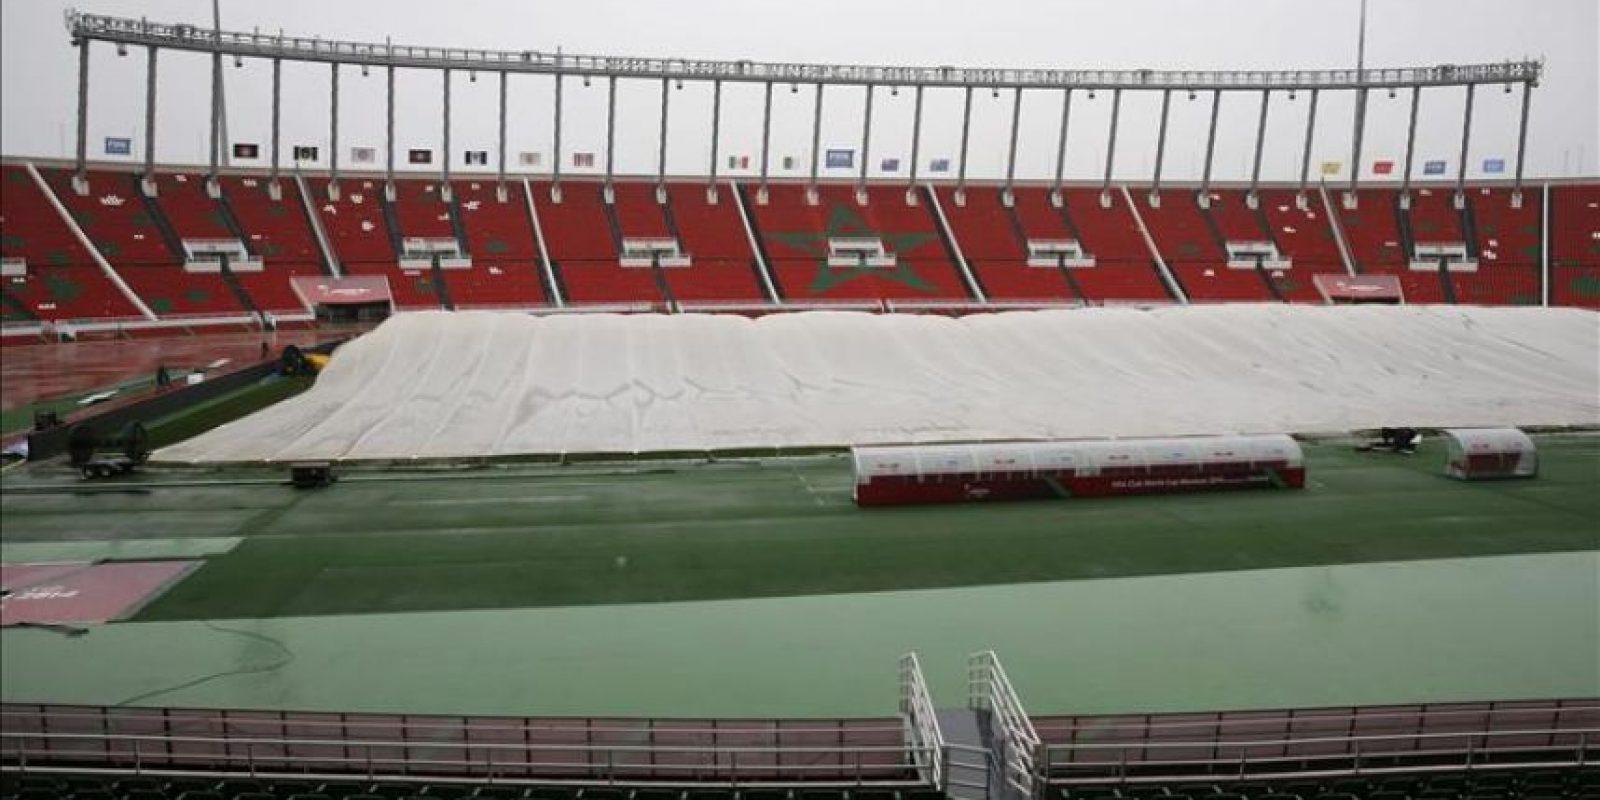 El mal estado del terreno de juego del estadio Moulay Abdellah, que debía acoger el martes la semifinal del Mundial de Clubes entre Real Madrid y Cruz Azul mexicano, ha provocado el cambio de sede a Marrakech, según confirmó a EFE la FIFA. EFE